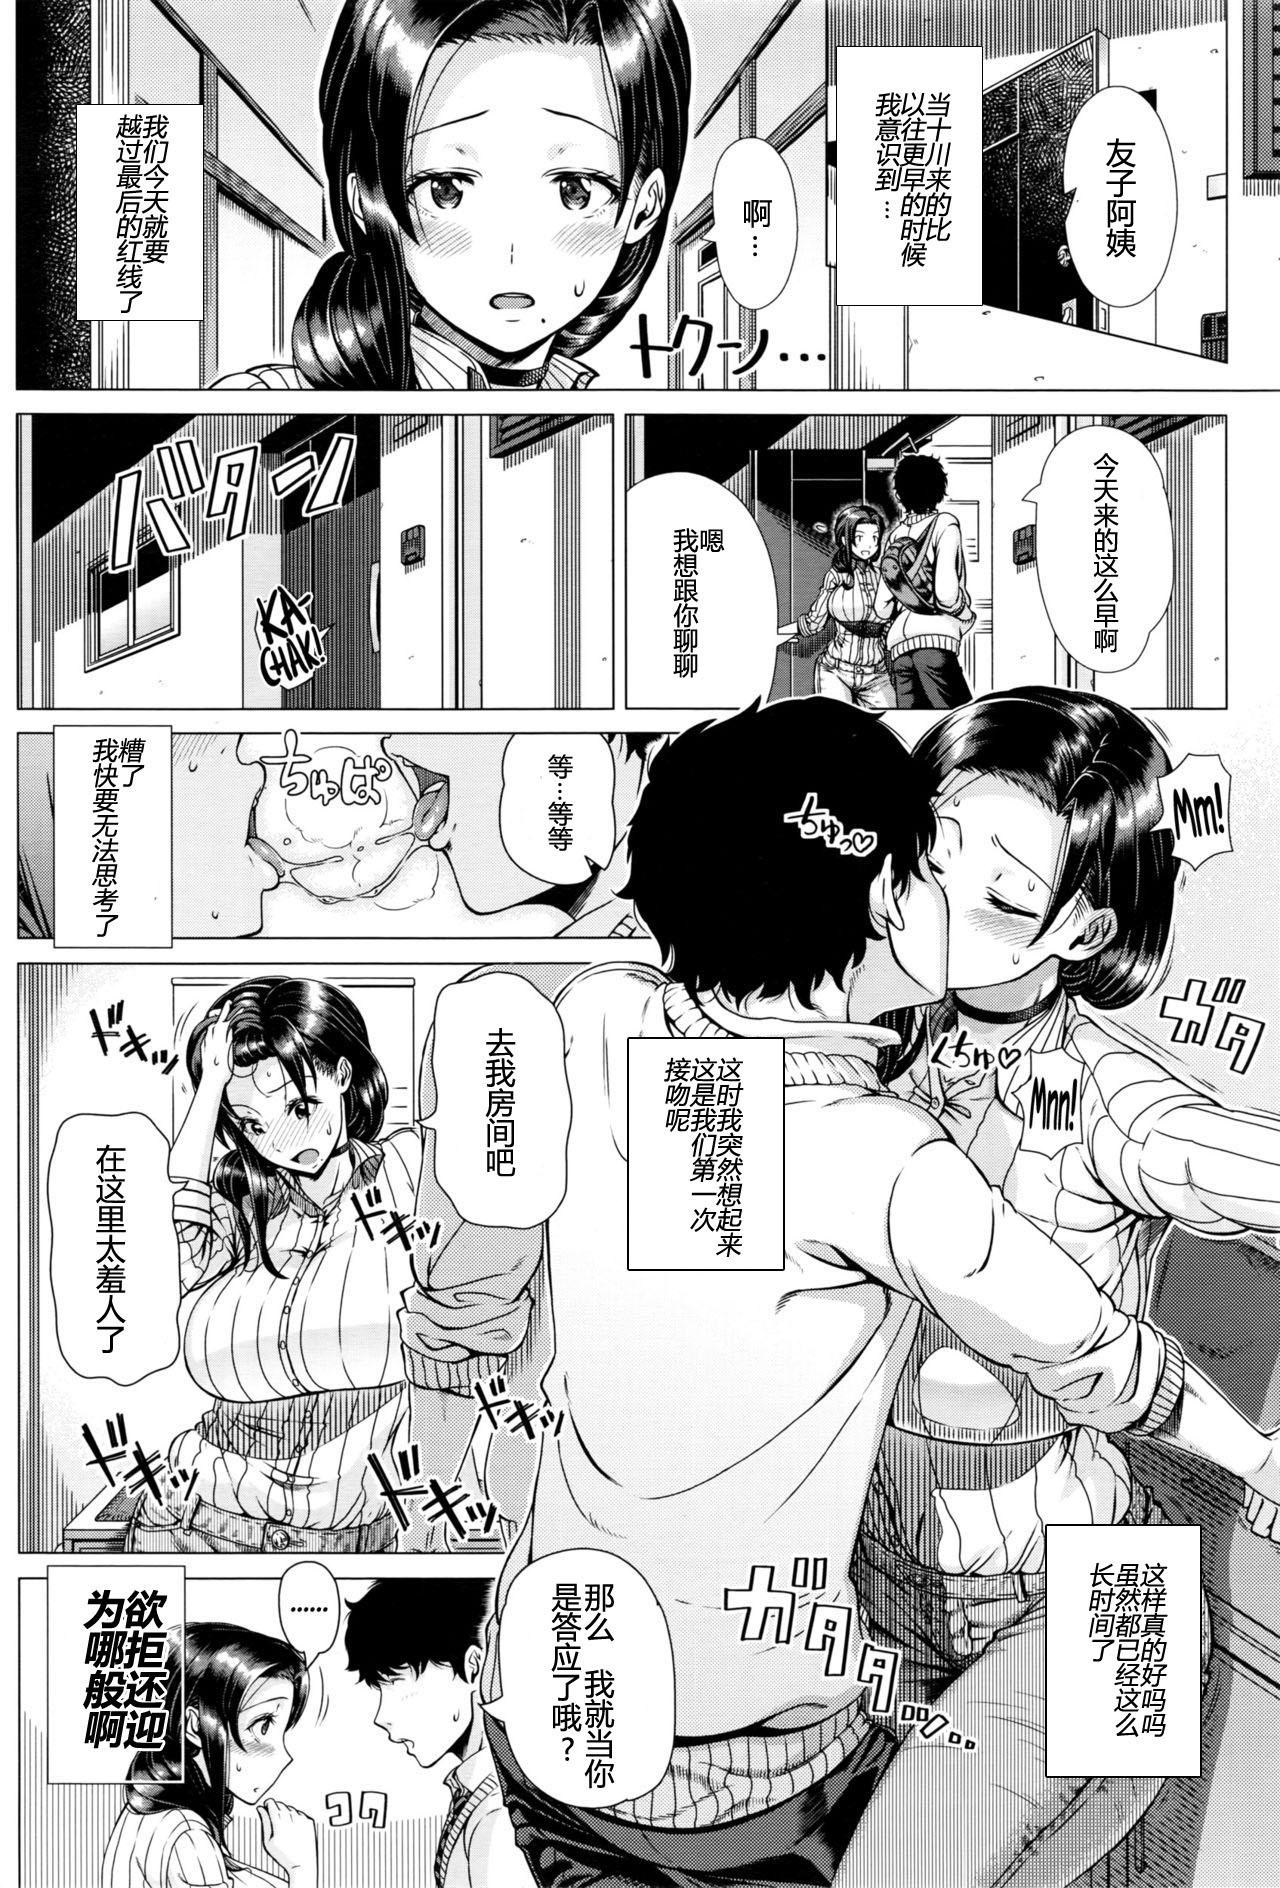 Oyako no Omoi   A Mother's Love 11